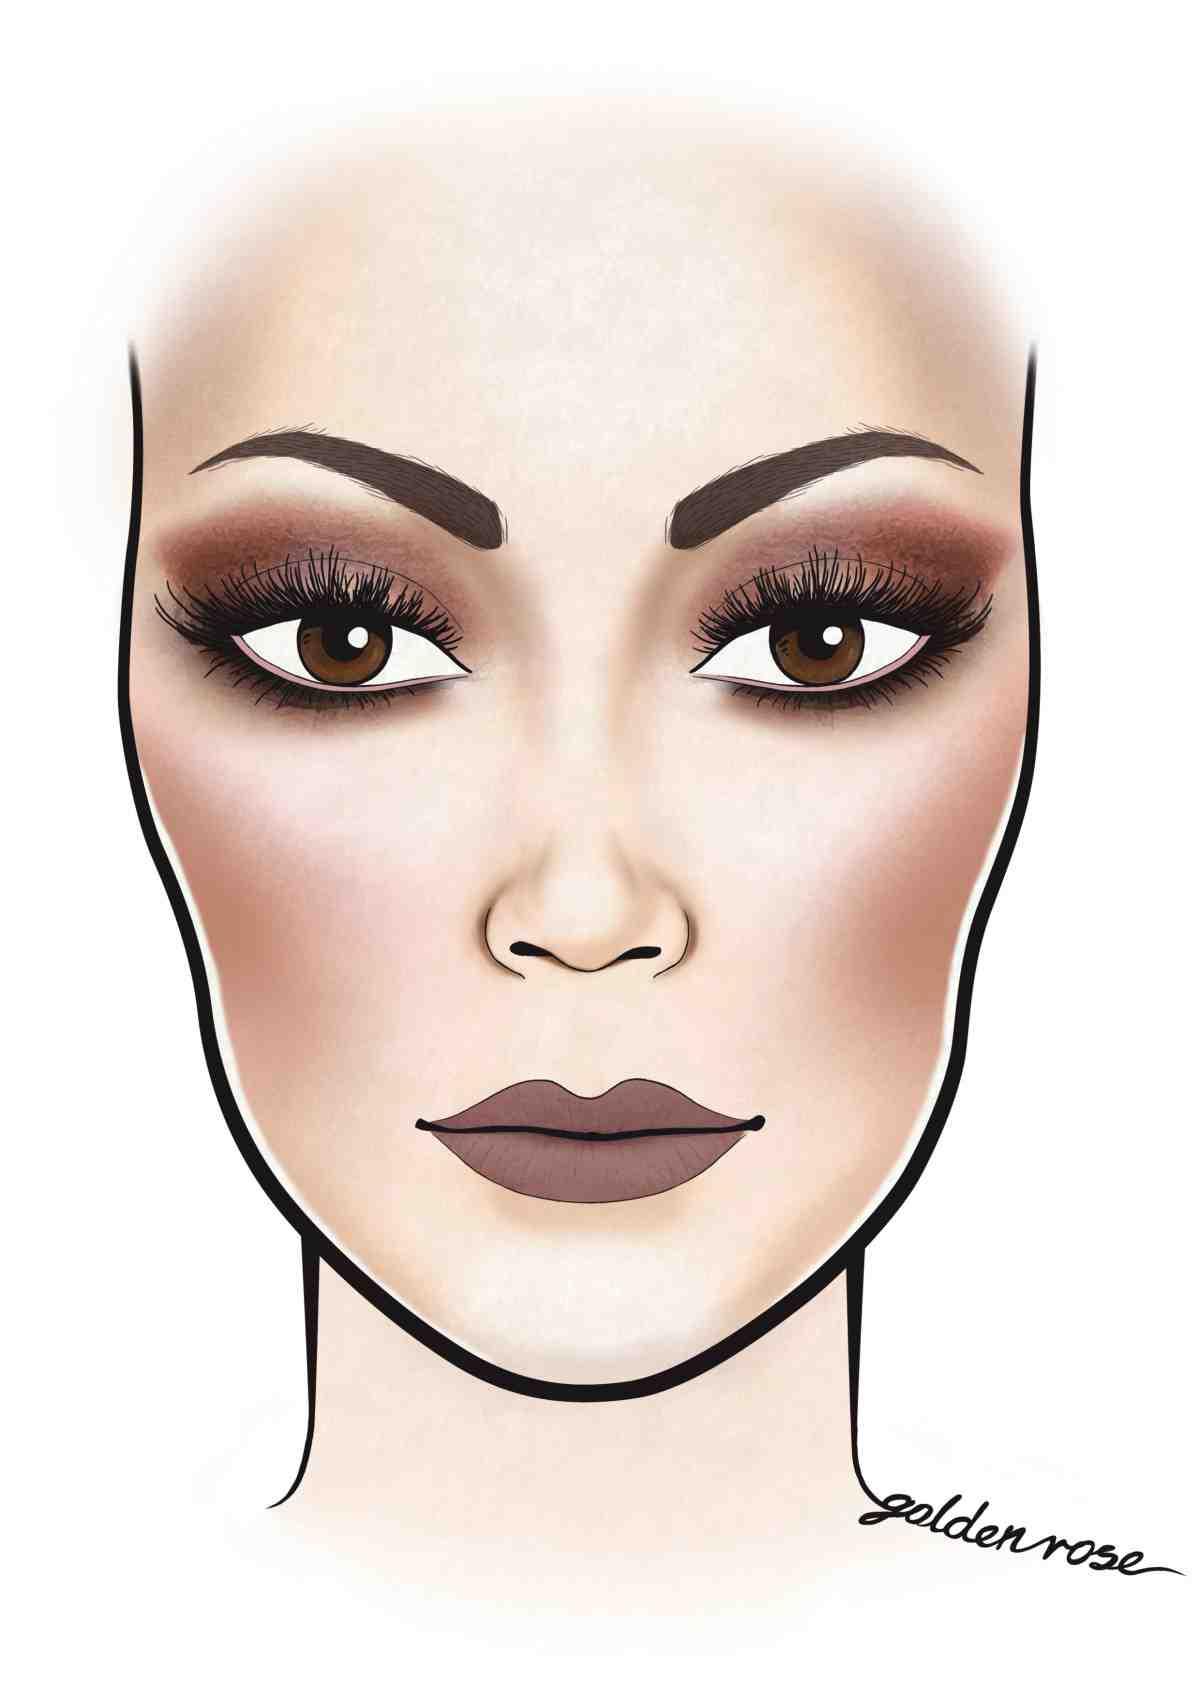 Wykonaj imponujący makijaż w stylu gwiazd – facechart Golden Rose! Poznajcie naszą odsłonę makijażu w stylu Kylie Jenner!